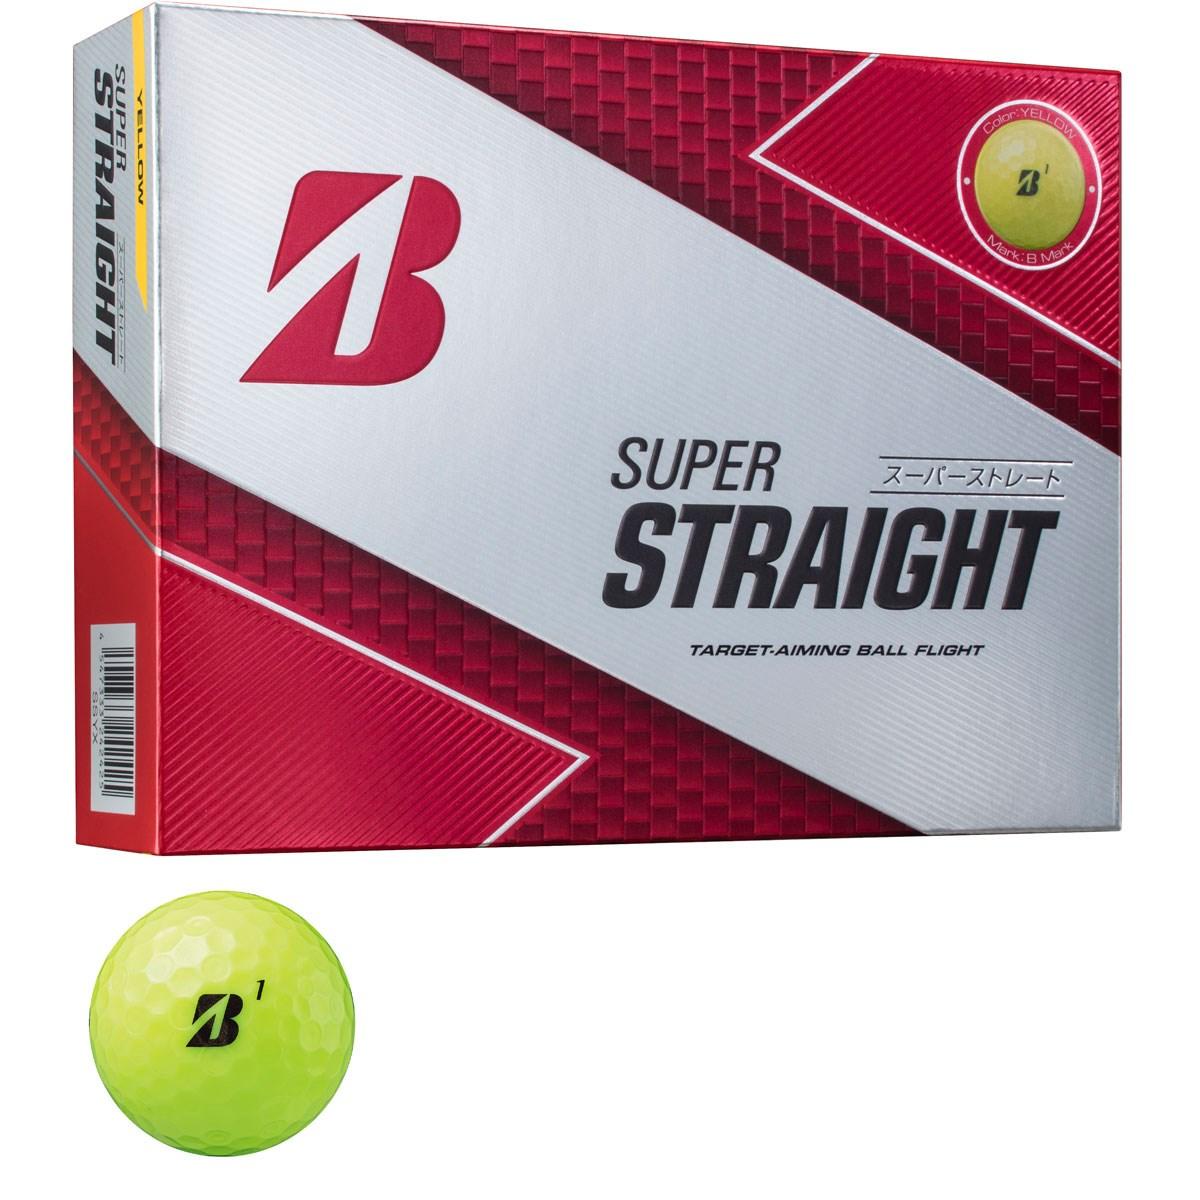 ブリヂストン BRIDGESTONE GOLF SUPER STRAIGHT ボール 1ダース(12個入り) イエロー